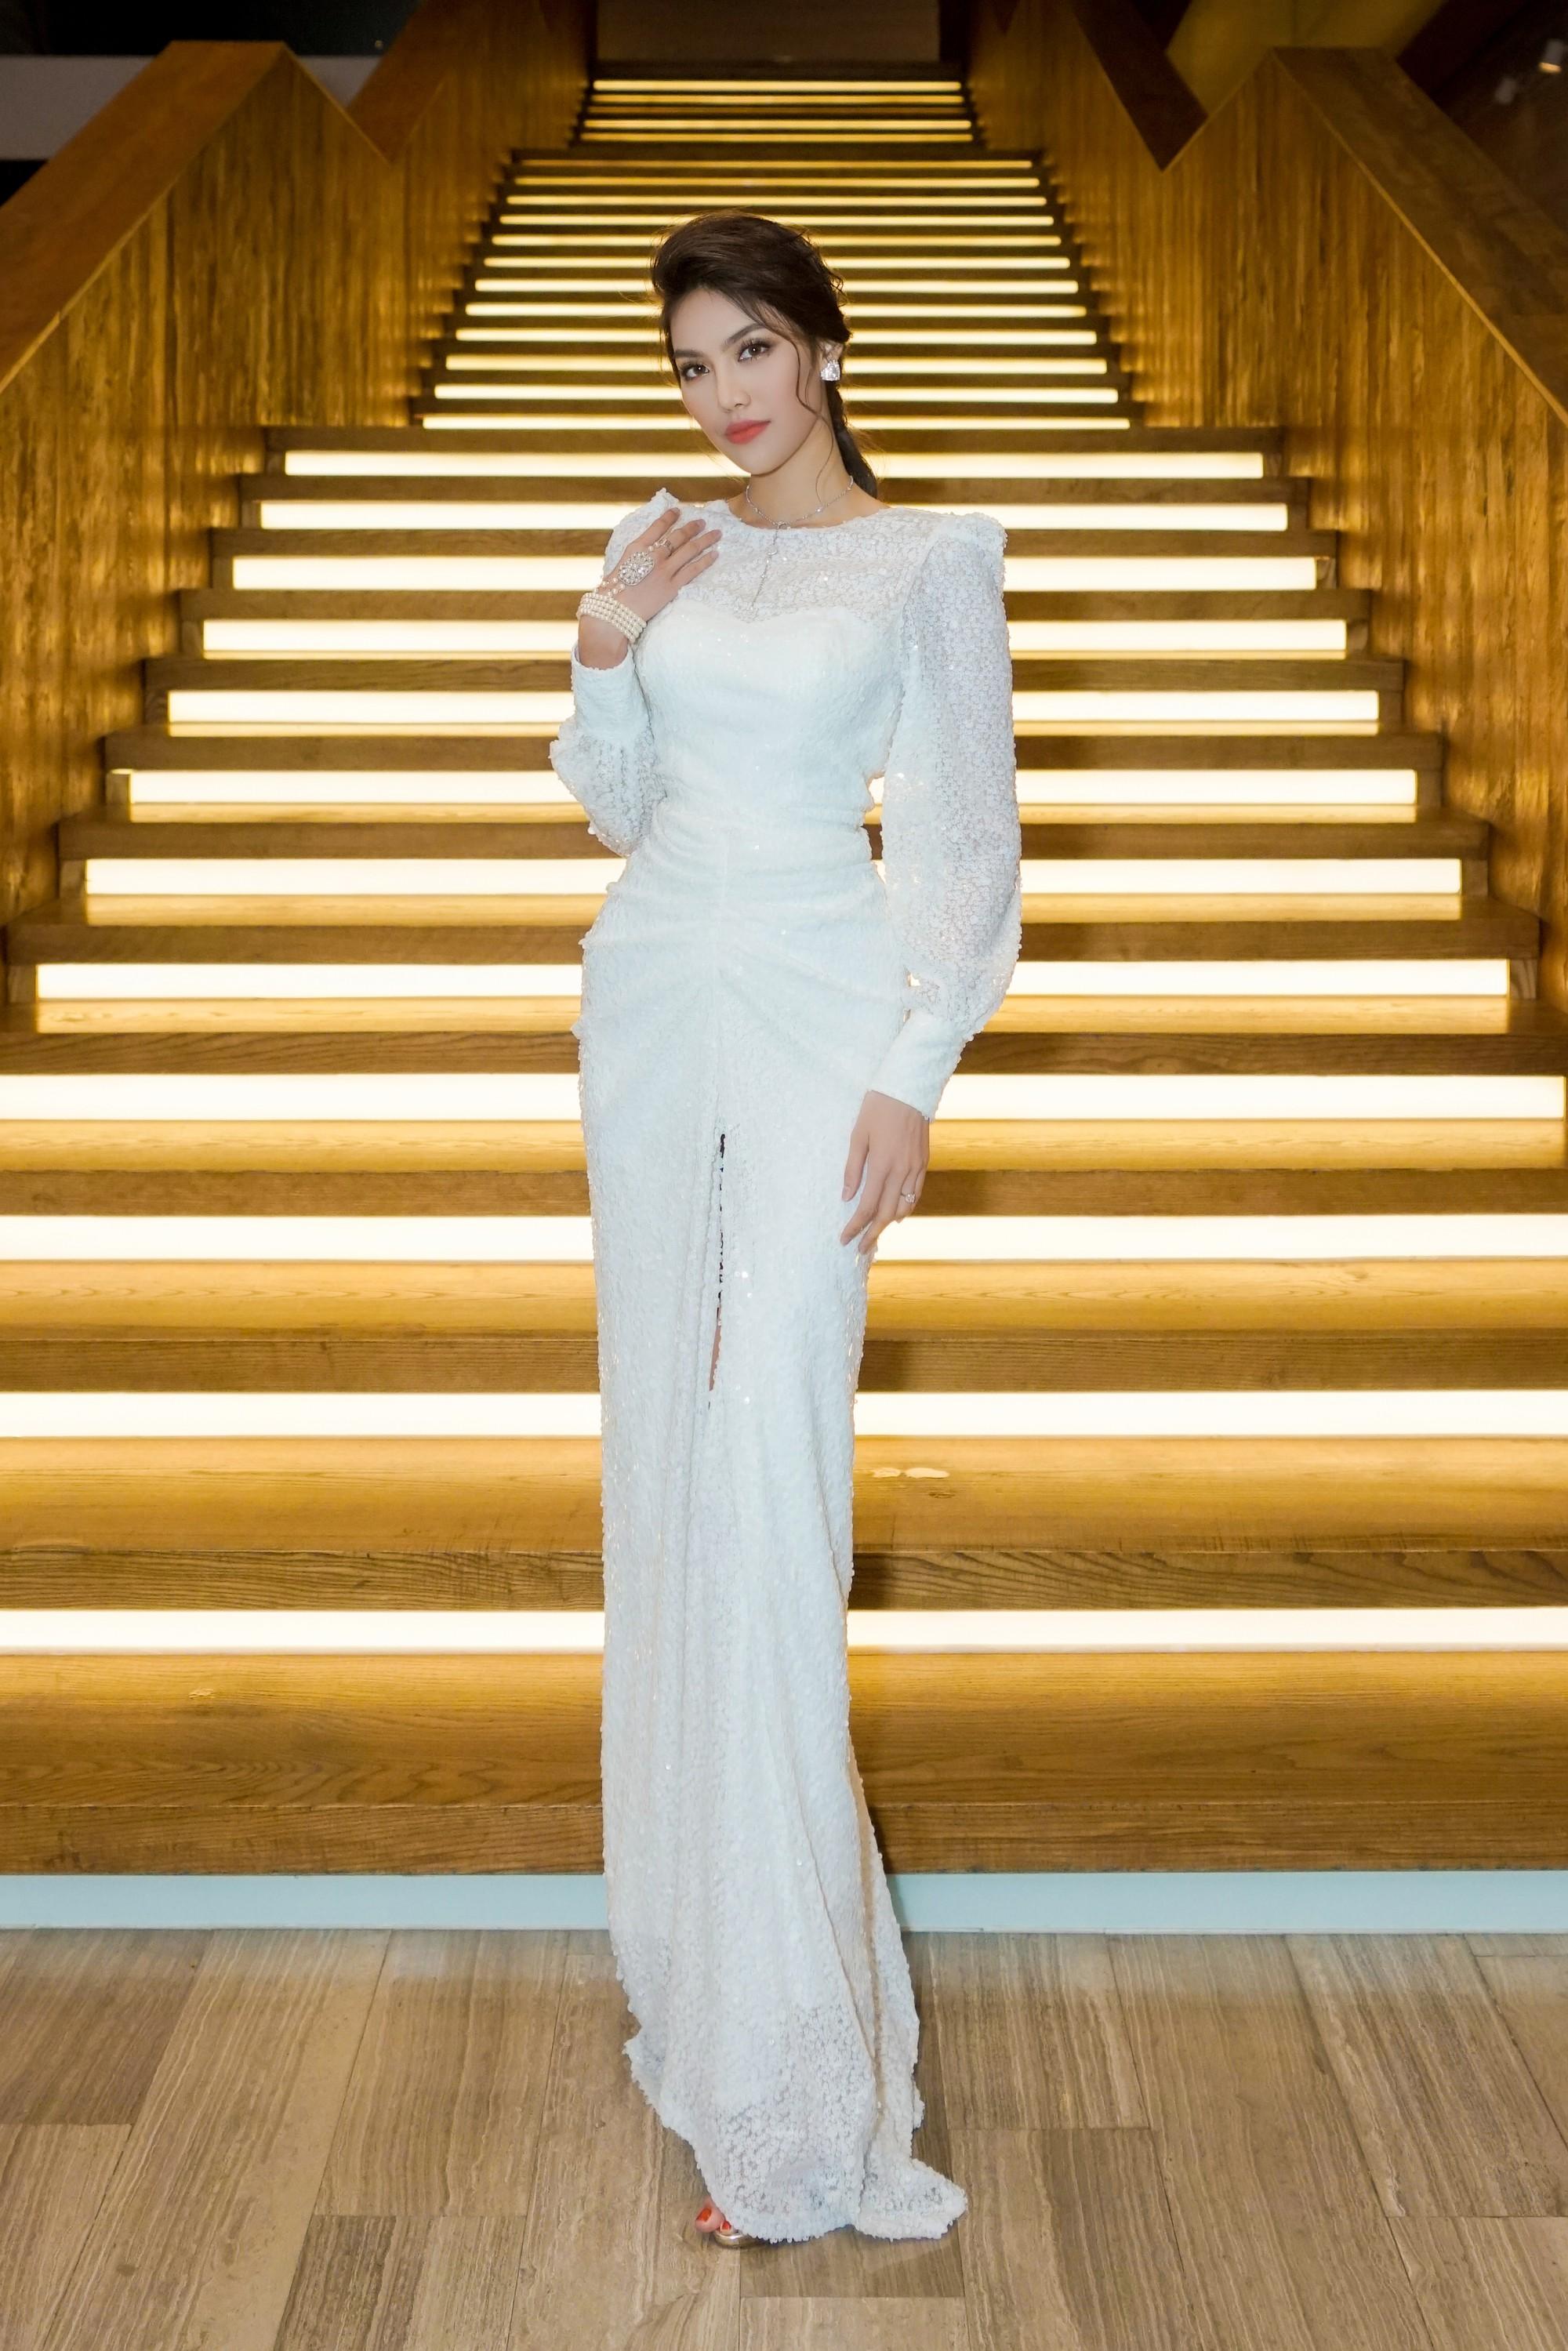 Hương Giang quyến rũ với váy xuyên thấu bó sát, Lan Khuê diện váy trắng tinh khôi như cô dâu tại sự kiện - Ảnh 6.